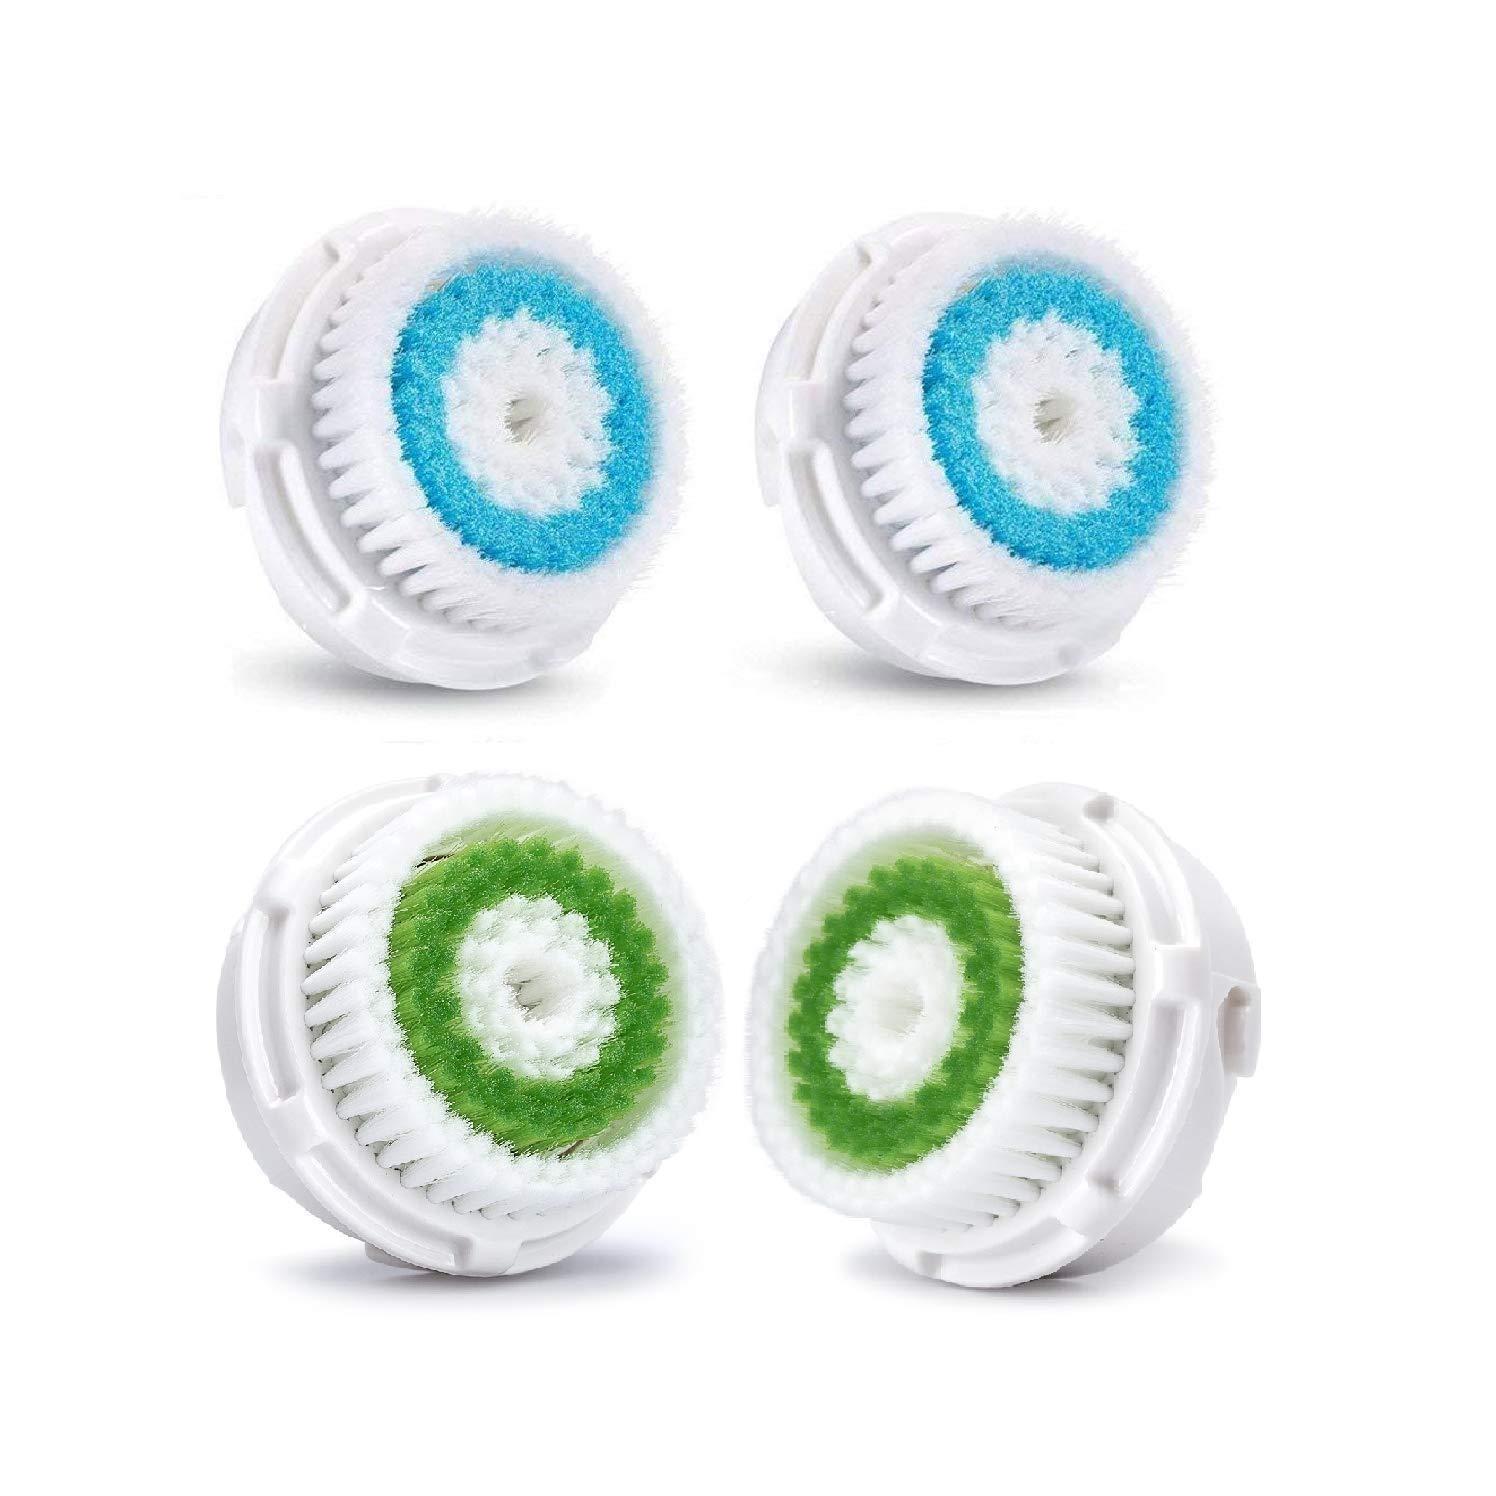 Rechoo profonda dei pori pulizia del viso testine di ricambio per Mia 1, MIA2, MIA3(aria), Smart Profile, ALPHA Fit, Pro, Plus e Radiance Cleansing Systems